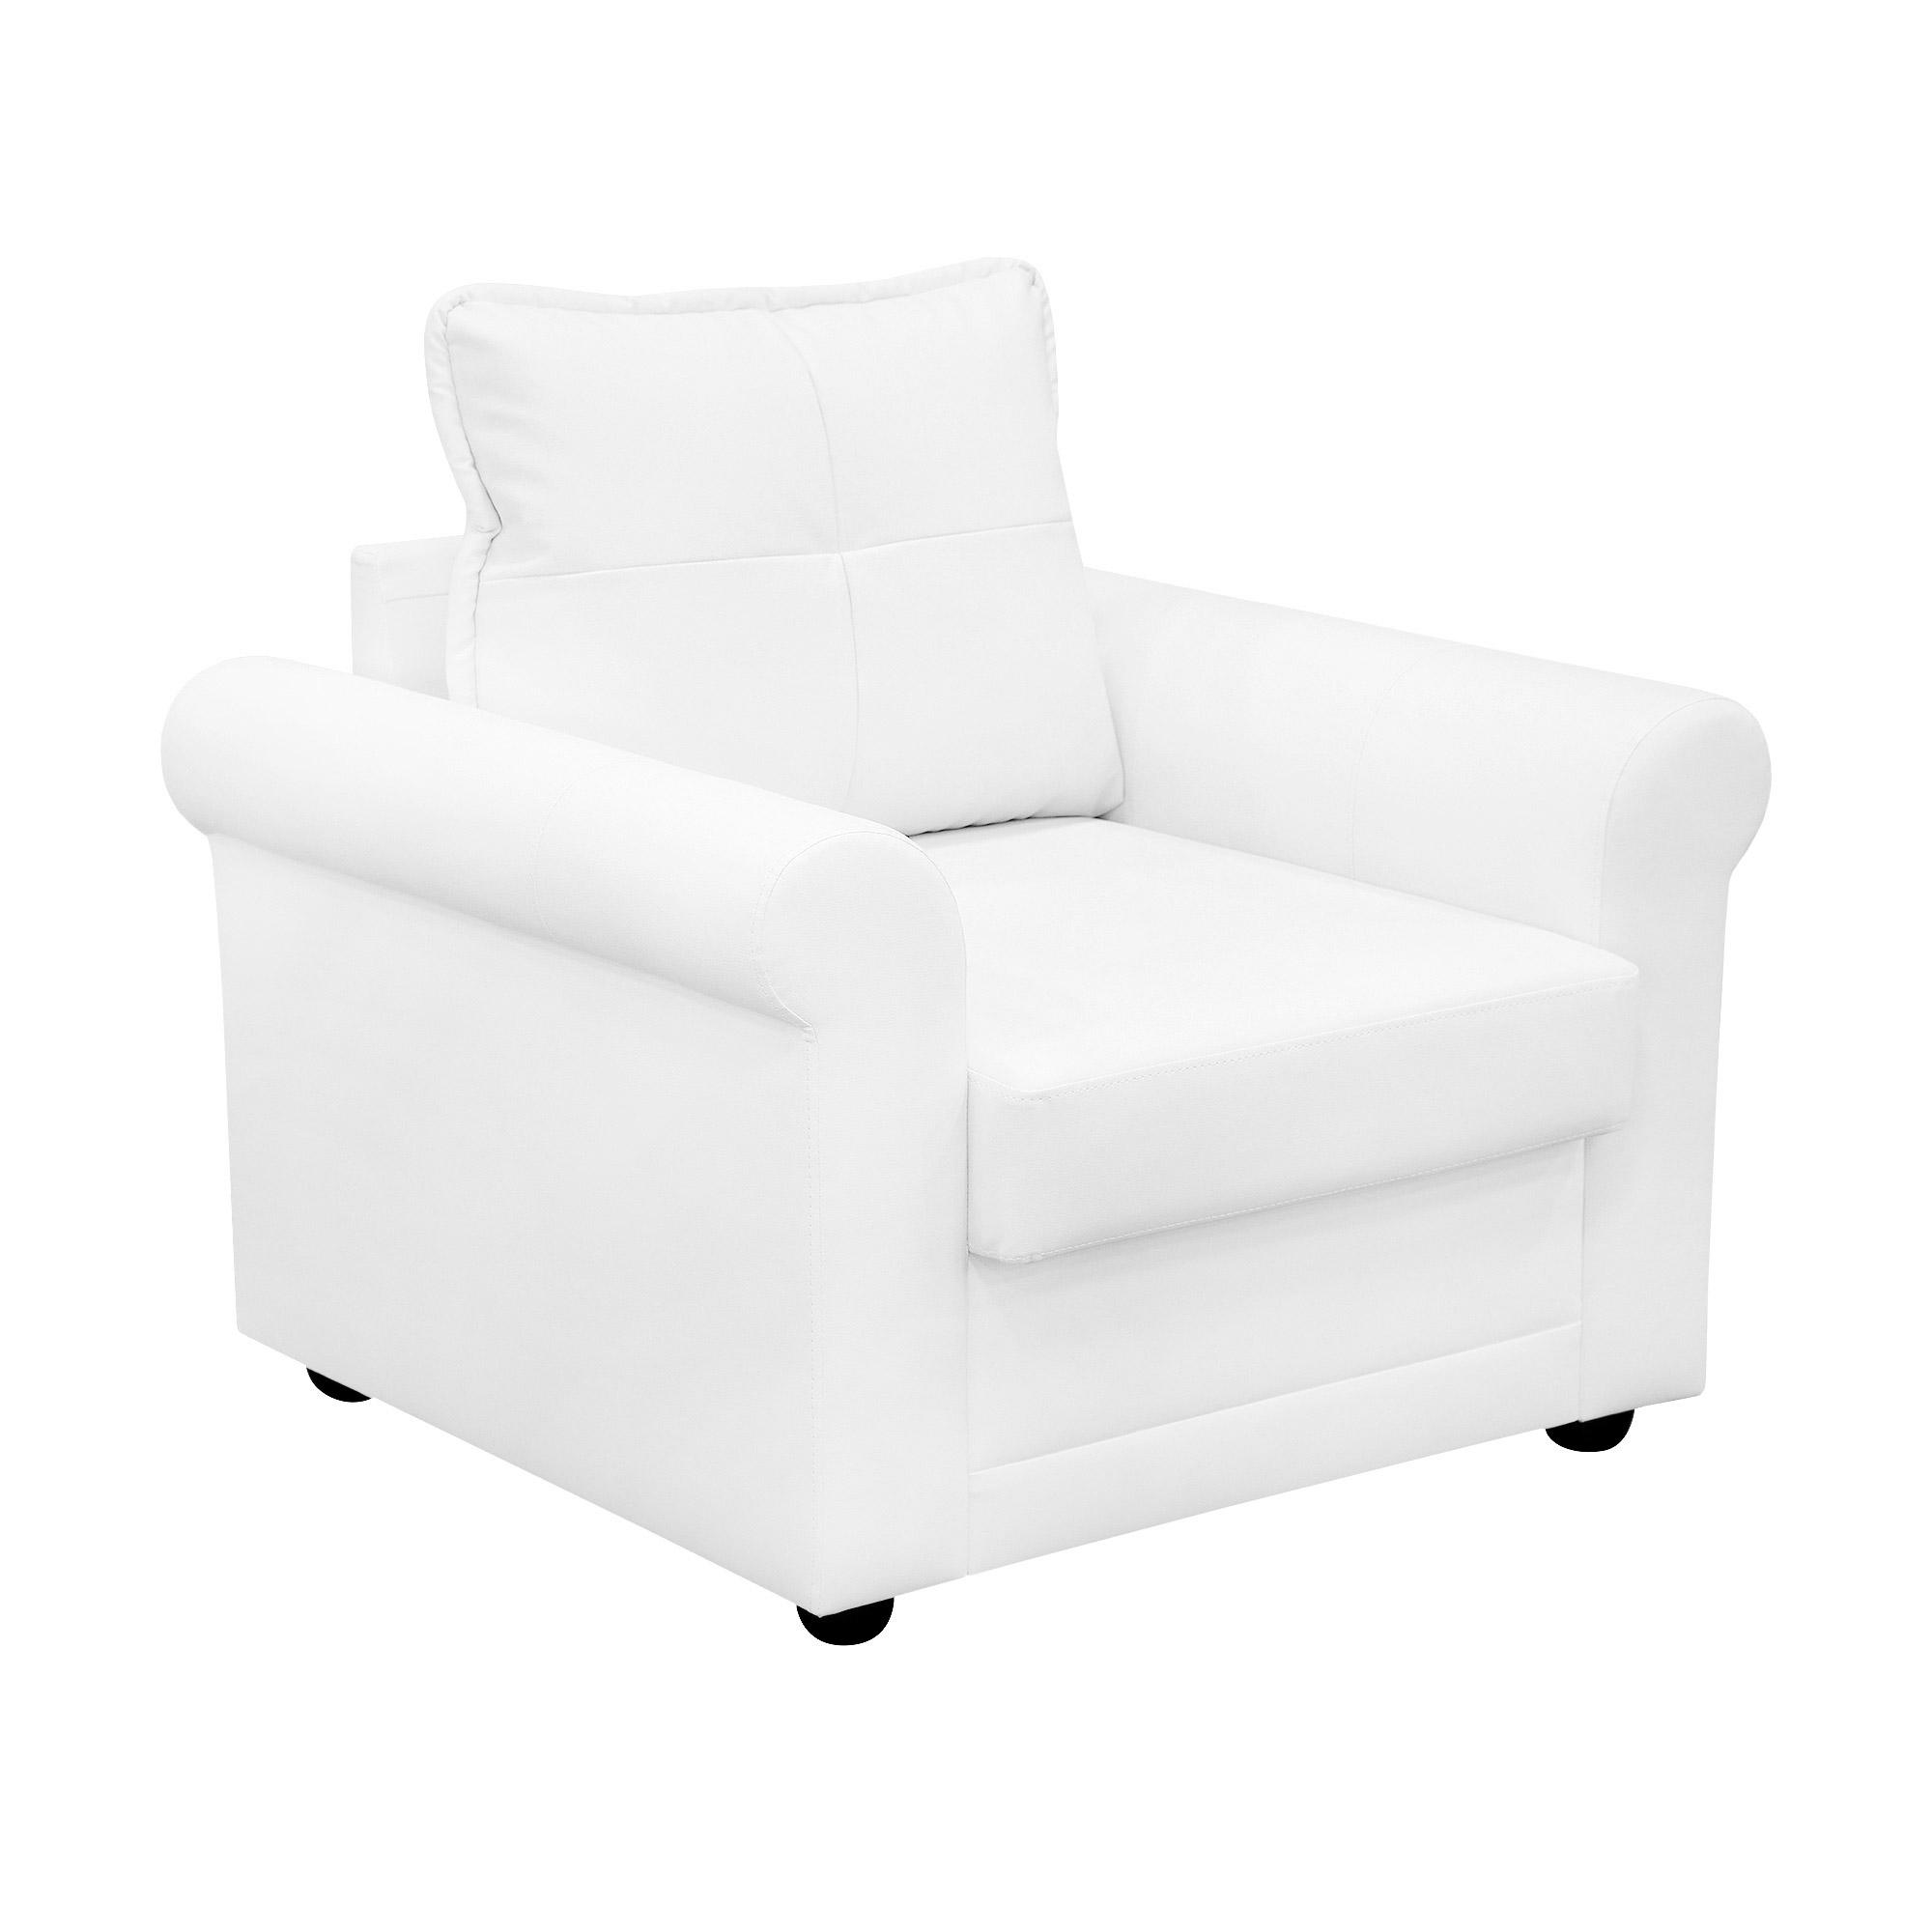 Кресло ФС Нири натуральная кожа бежевое 96x89x86